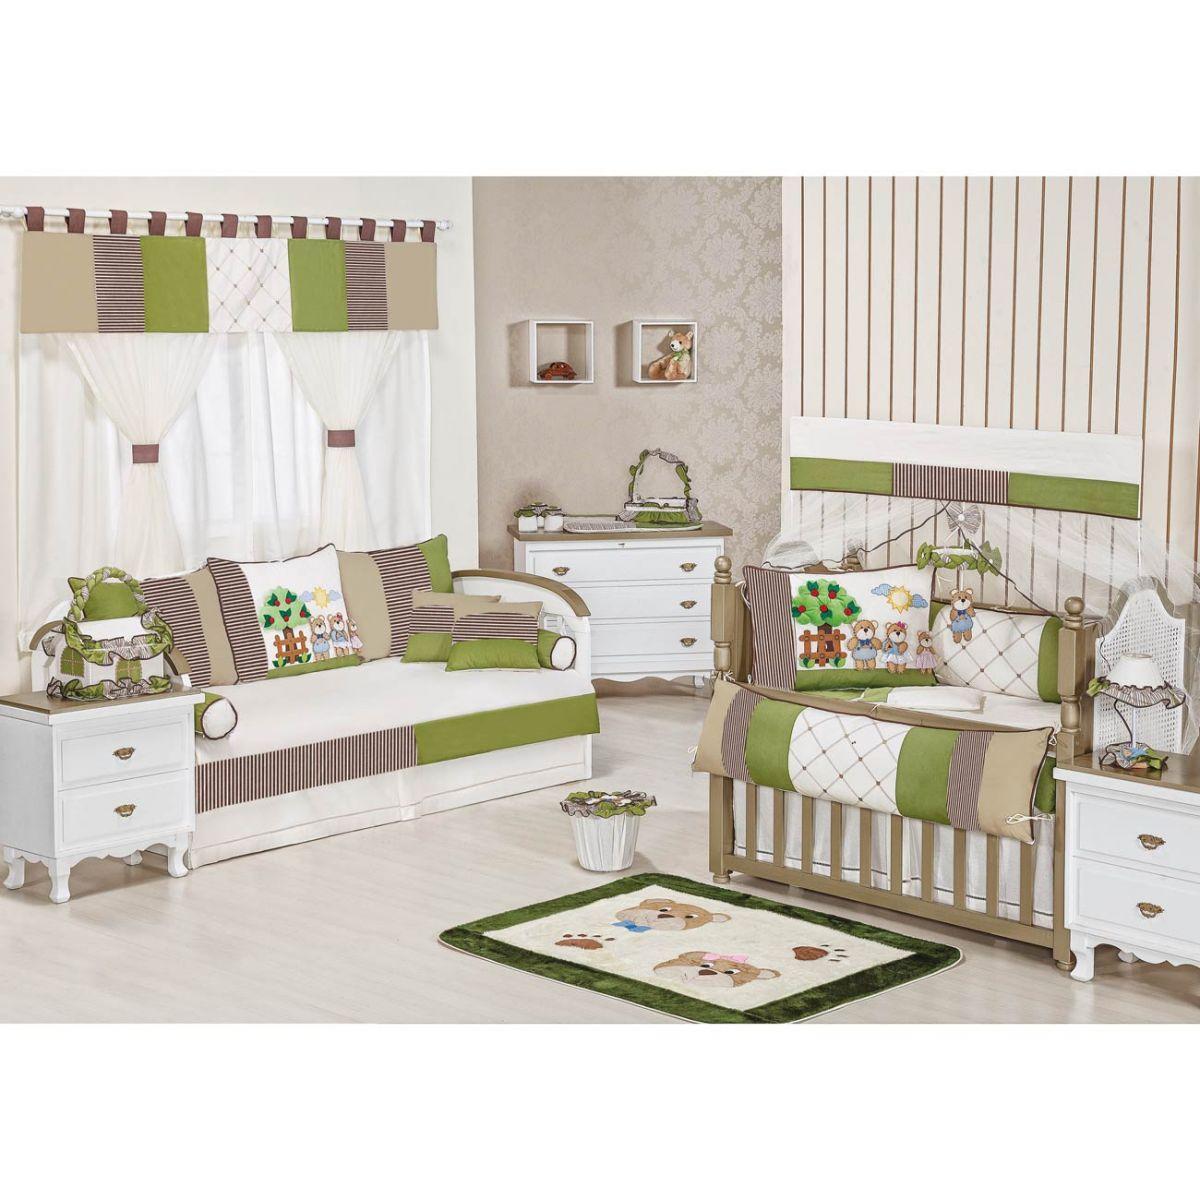 Lixeira Enfeitada p/ Quarto de Bebê - Coleção Familia Urso